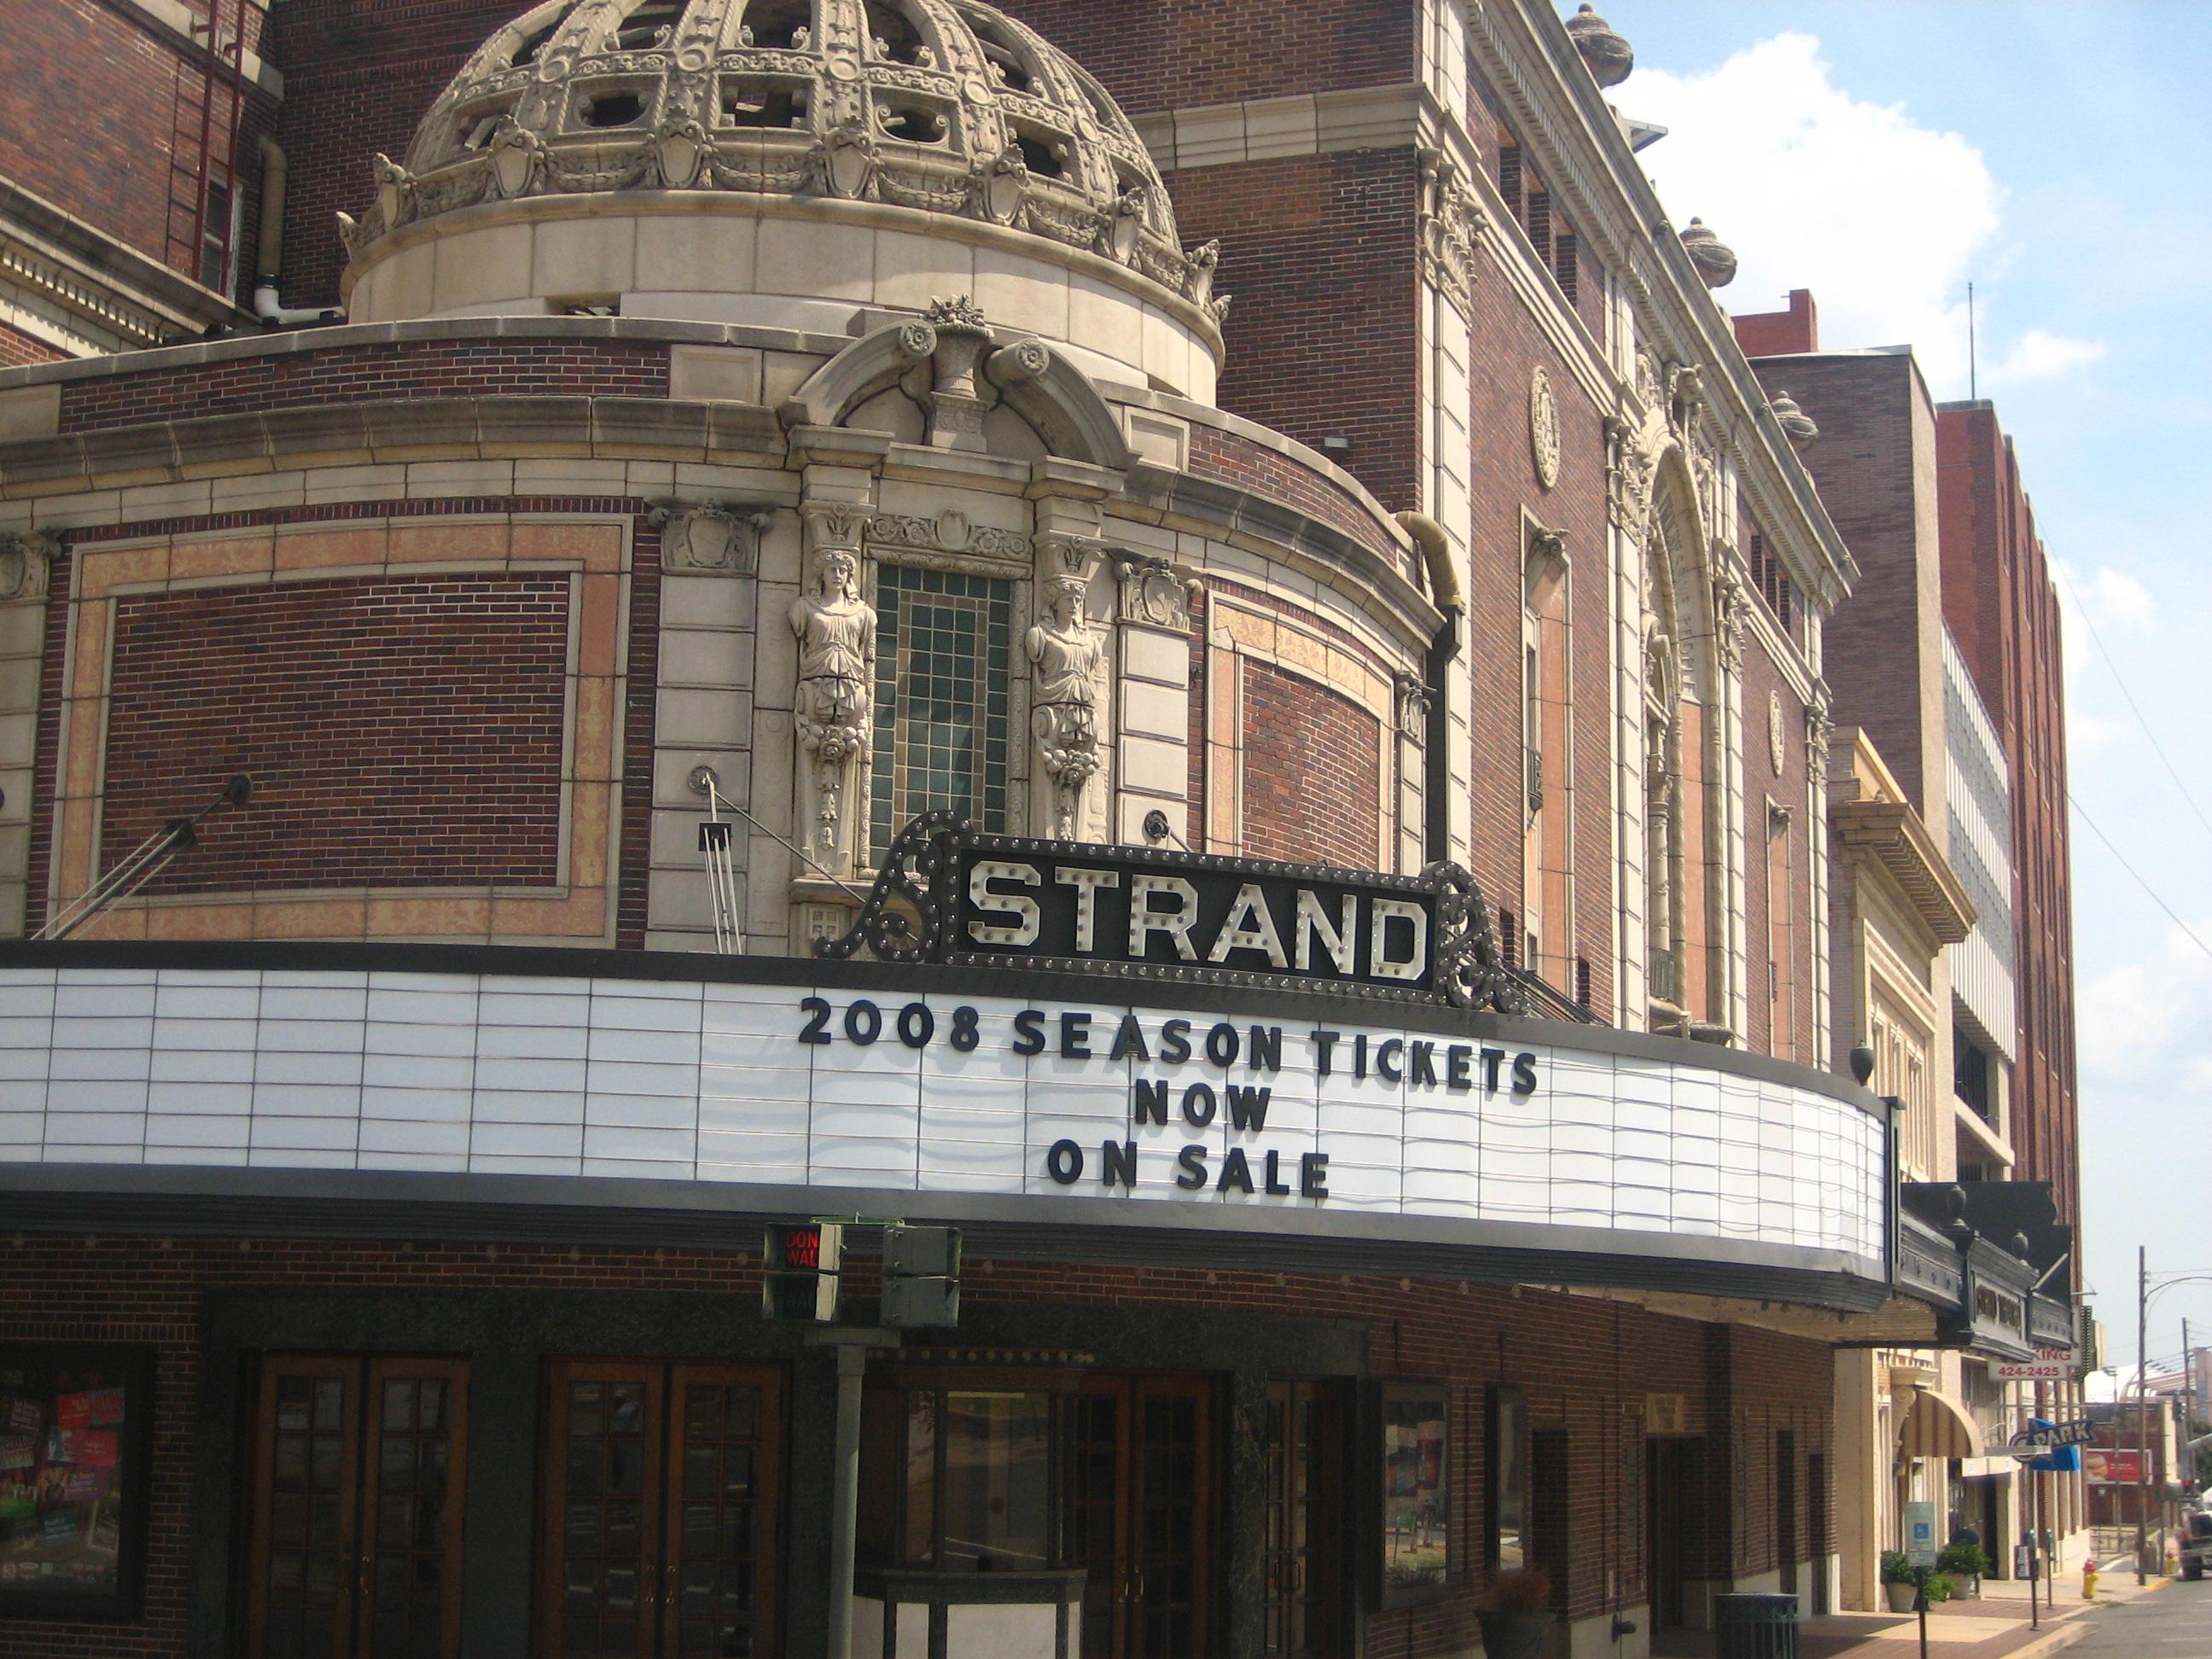 A corner view of The Strand Theatre